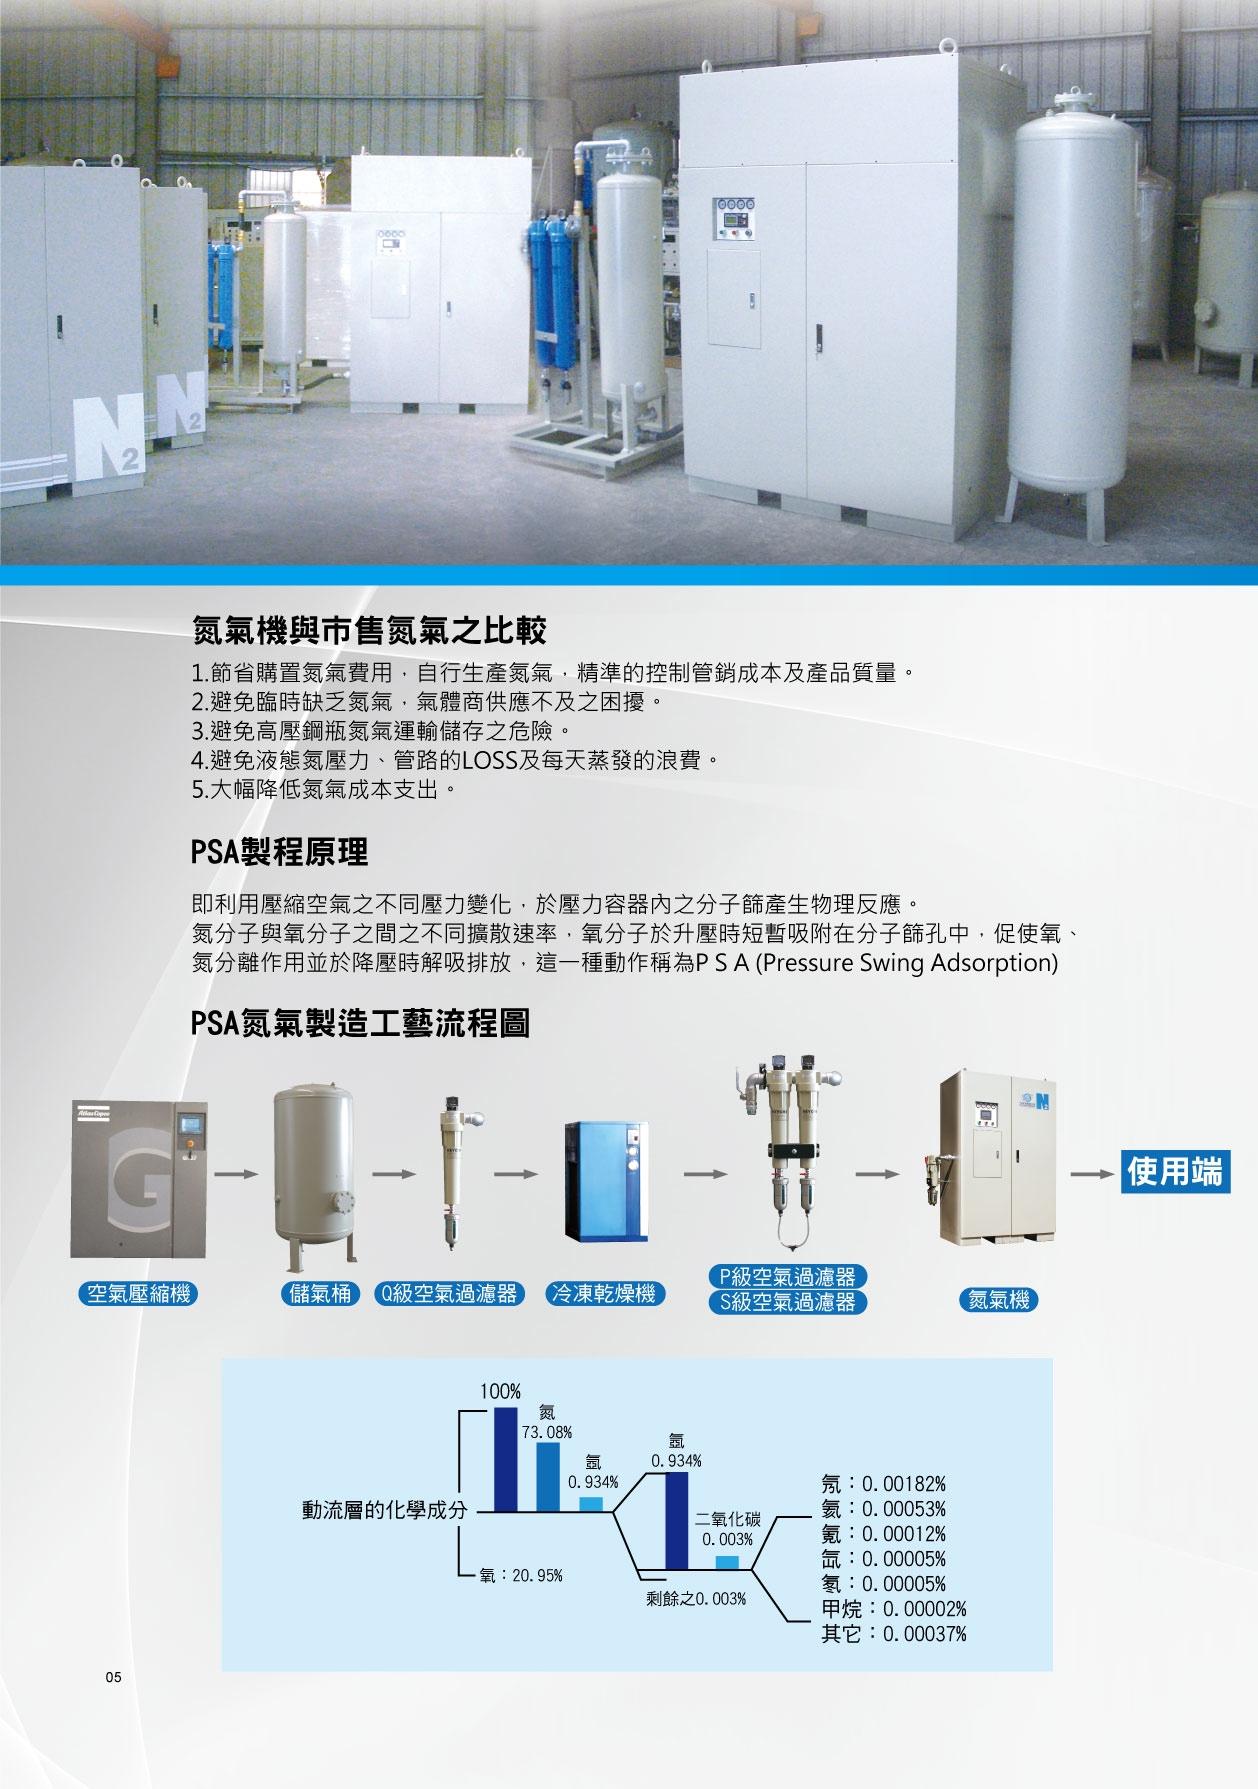 氮氣製造工藝流程圖